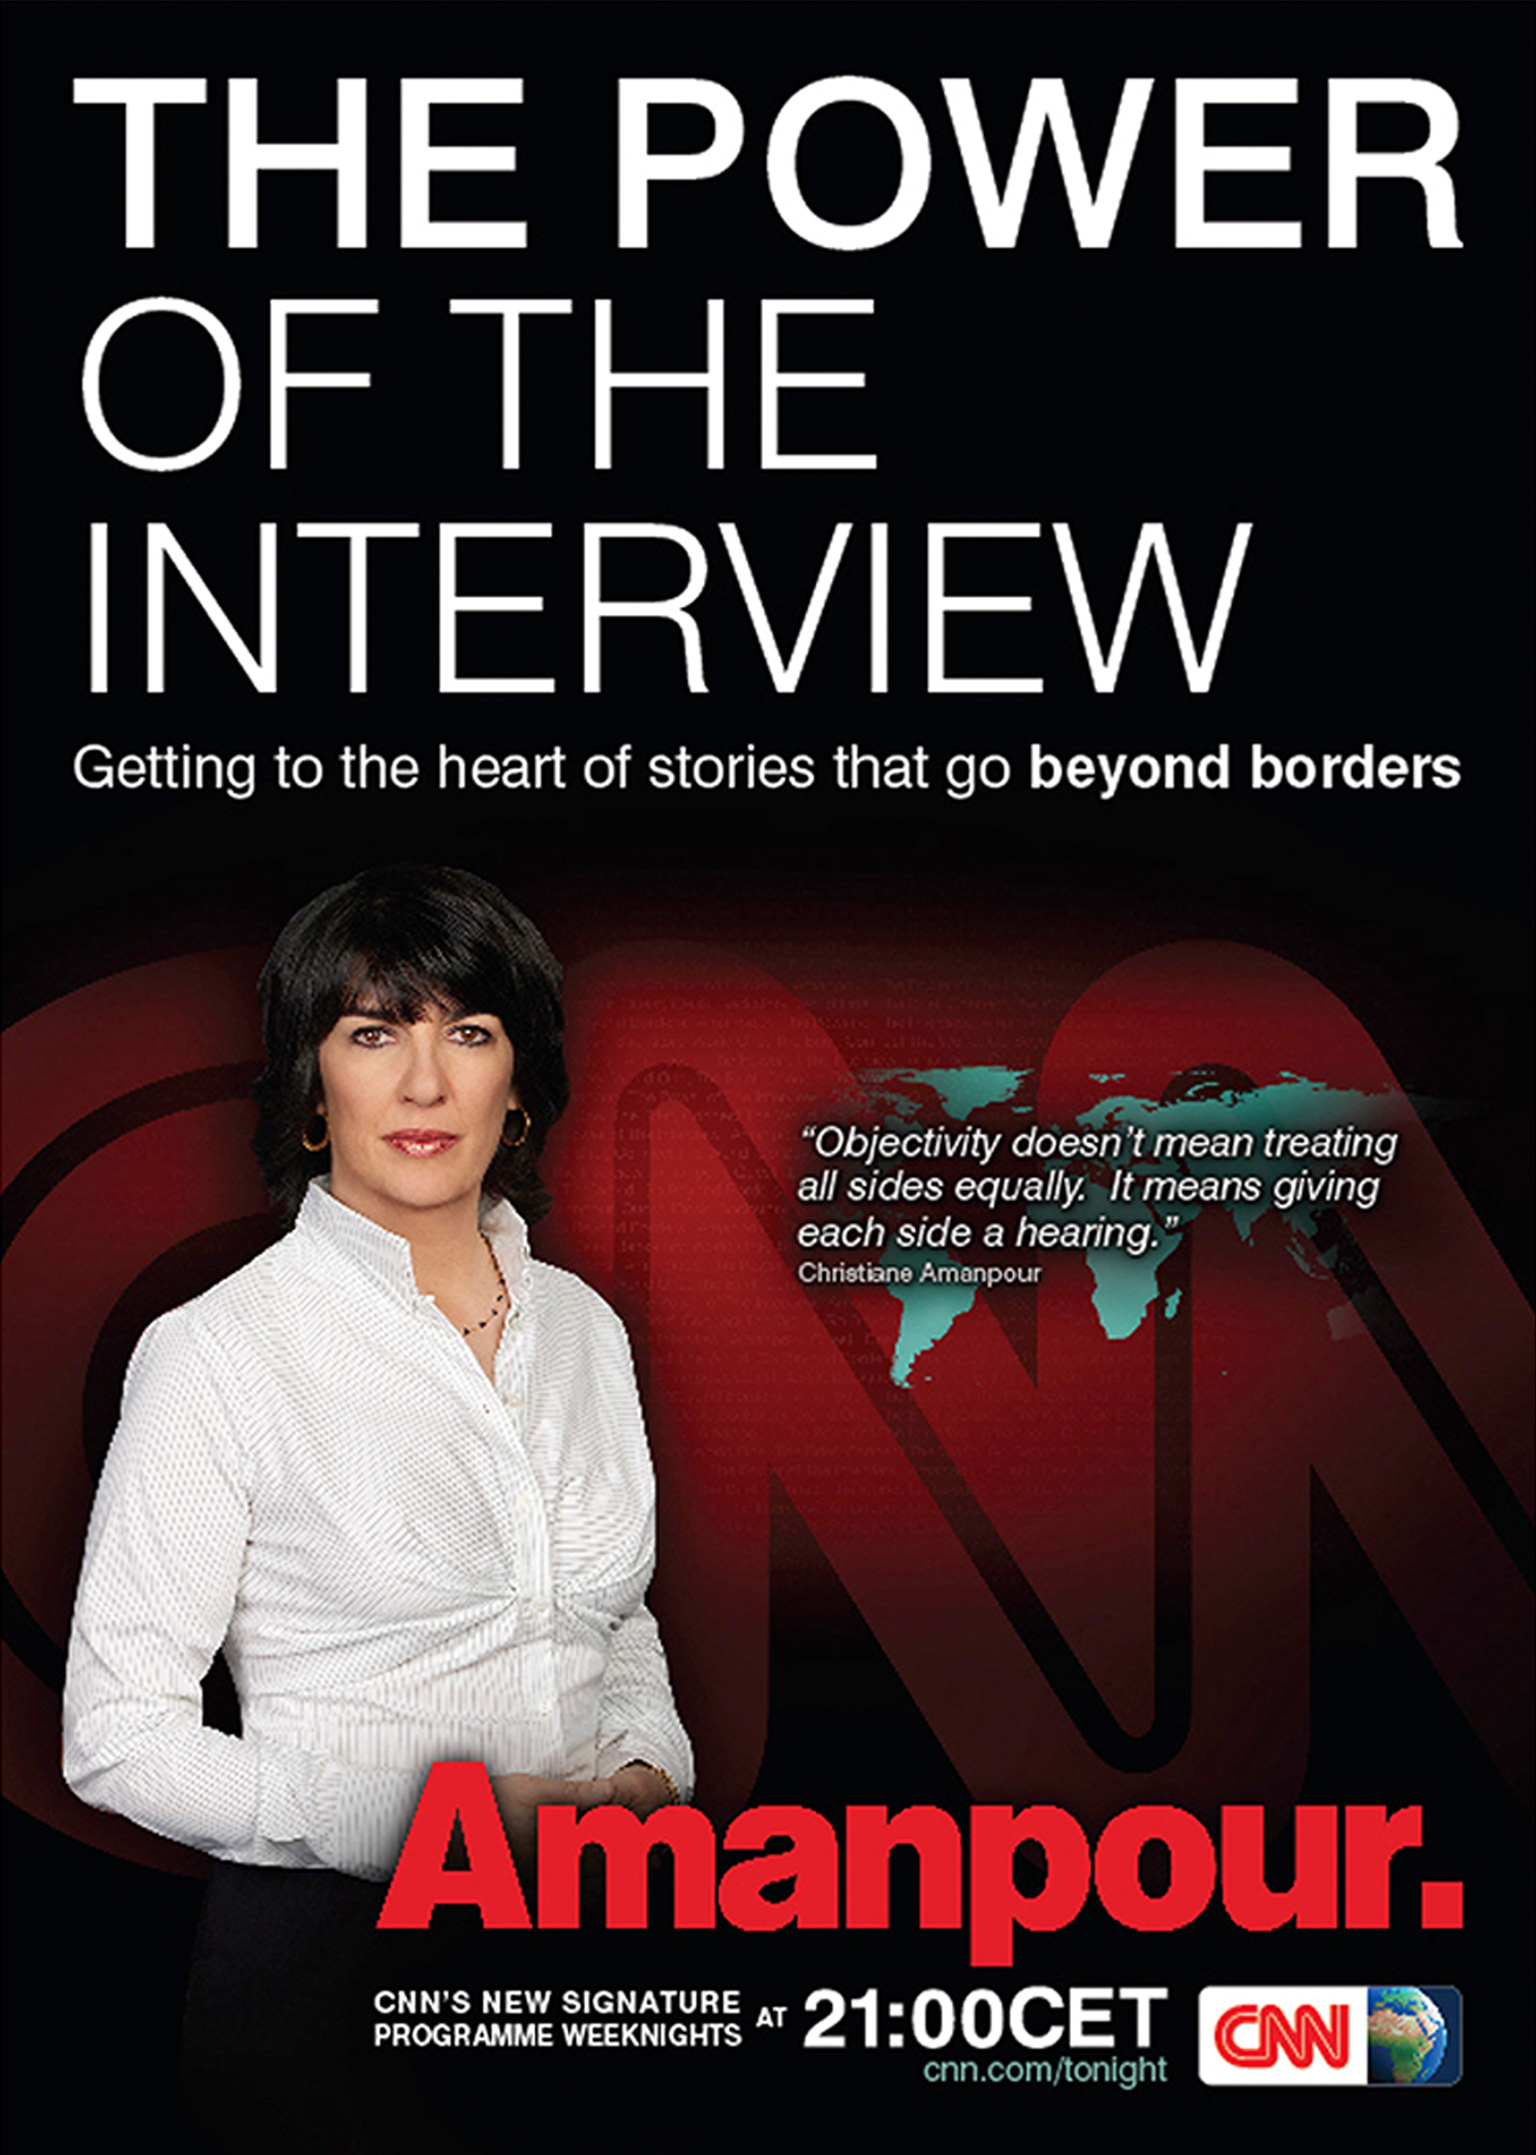 CNN Armanpour Poster